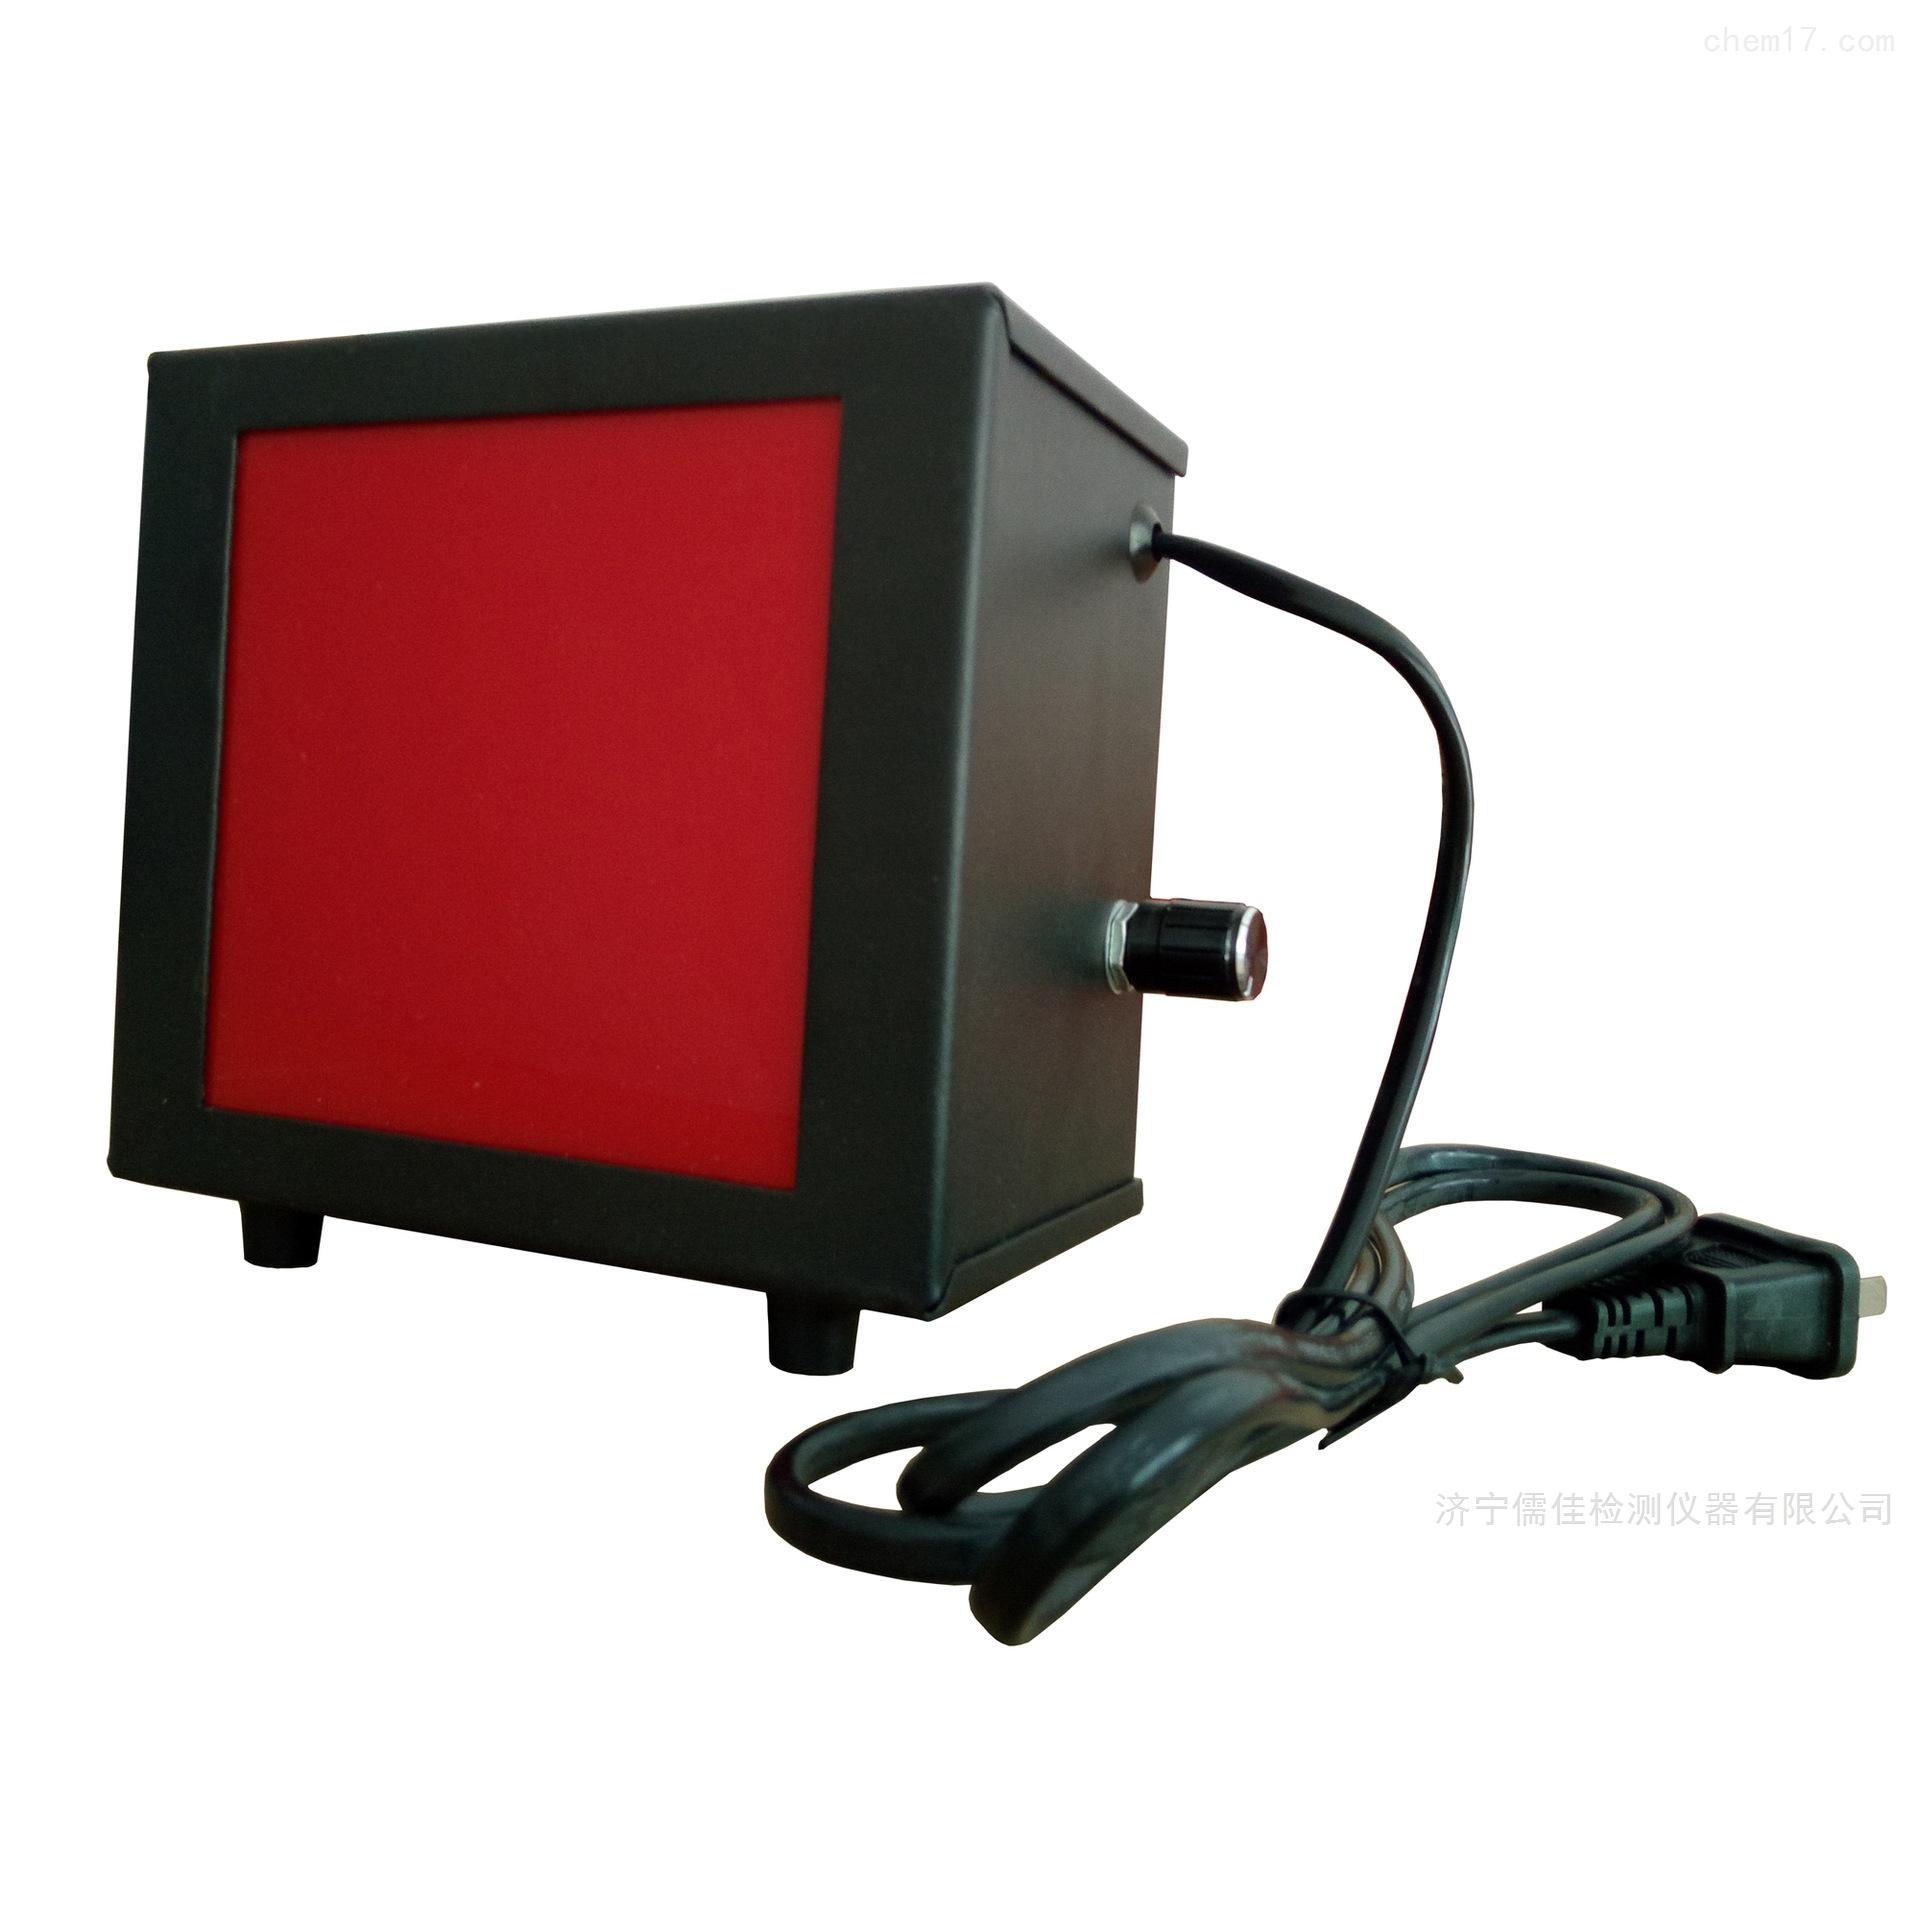 暗室红灯 X光洗片灯 可调灯光 包邮